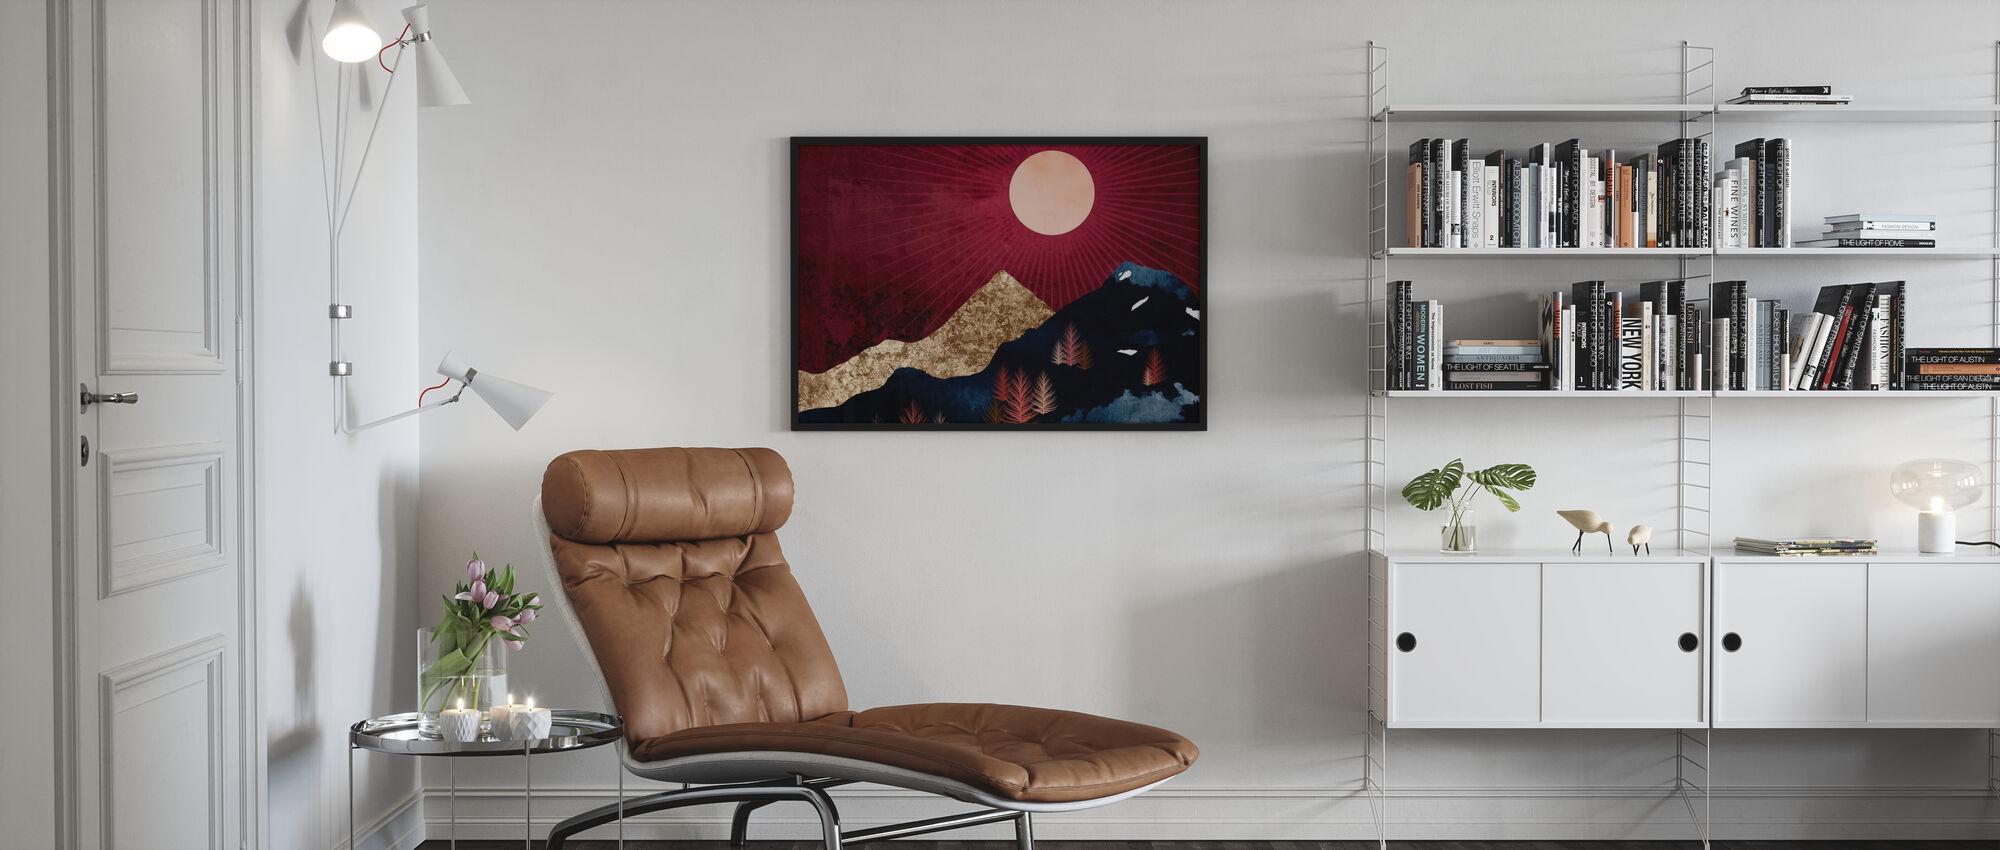 Syksyn yö - Kehystetty kuva - Olohuone